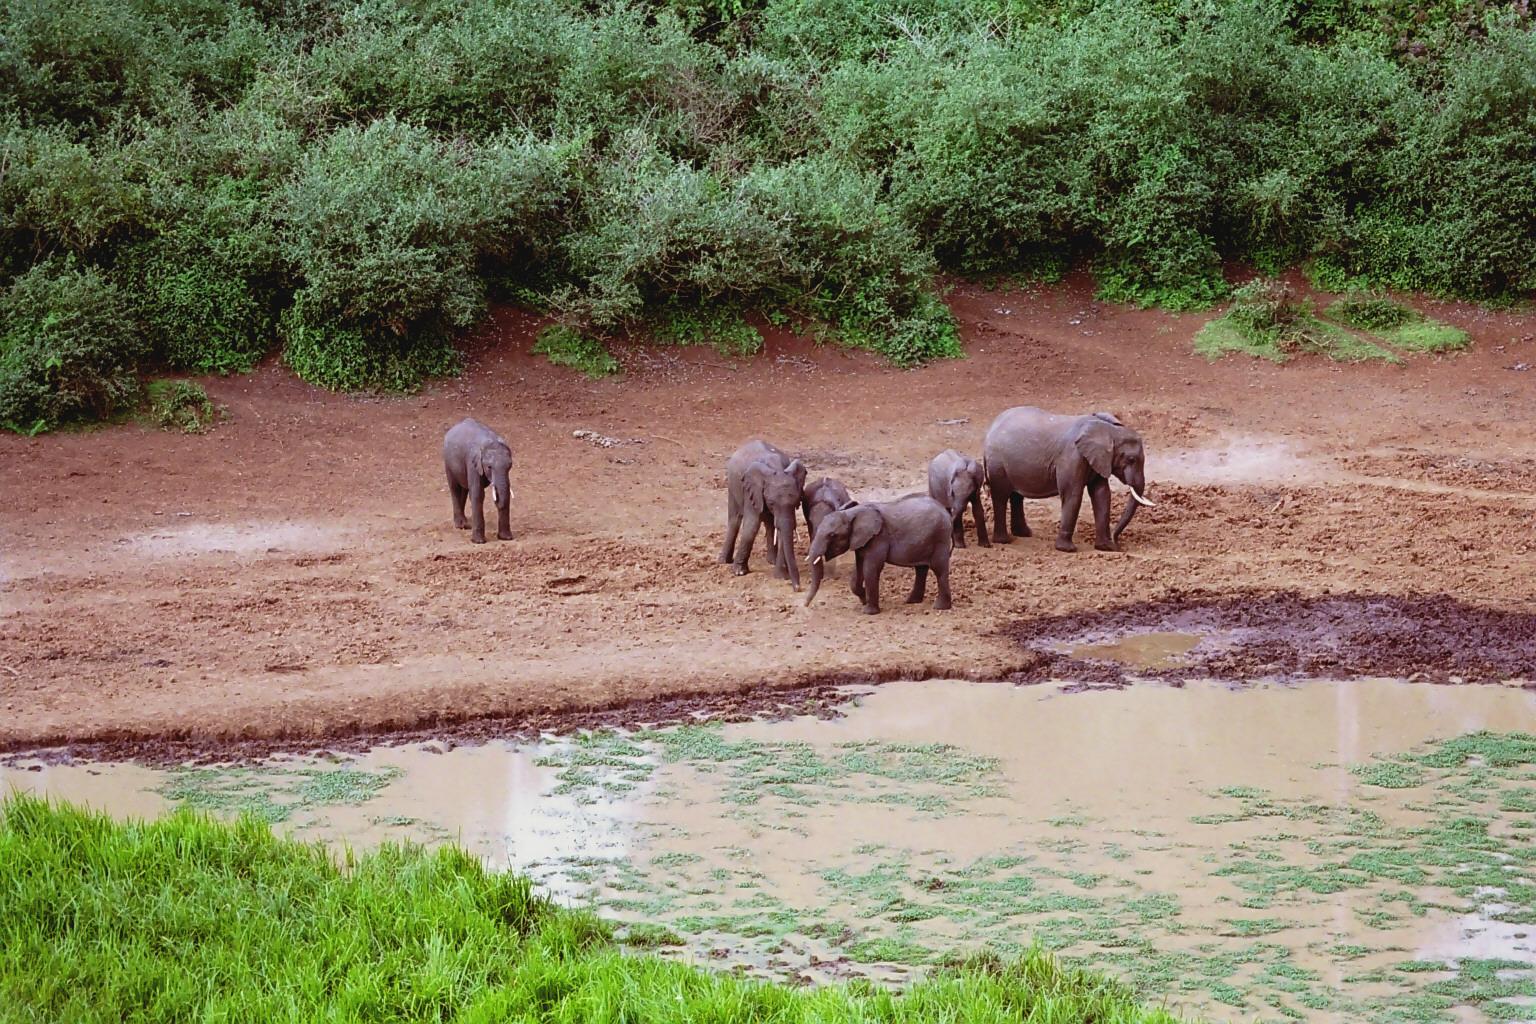 lofty_tours_kenia_tierwelt_68